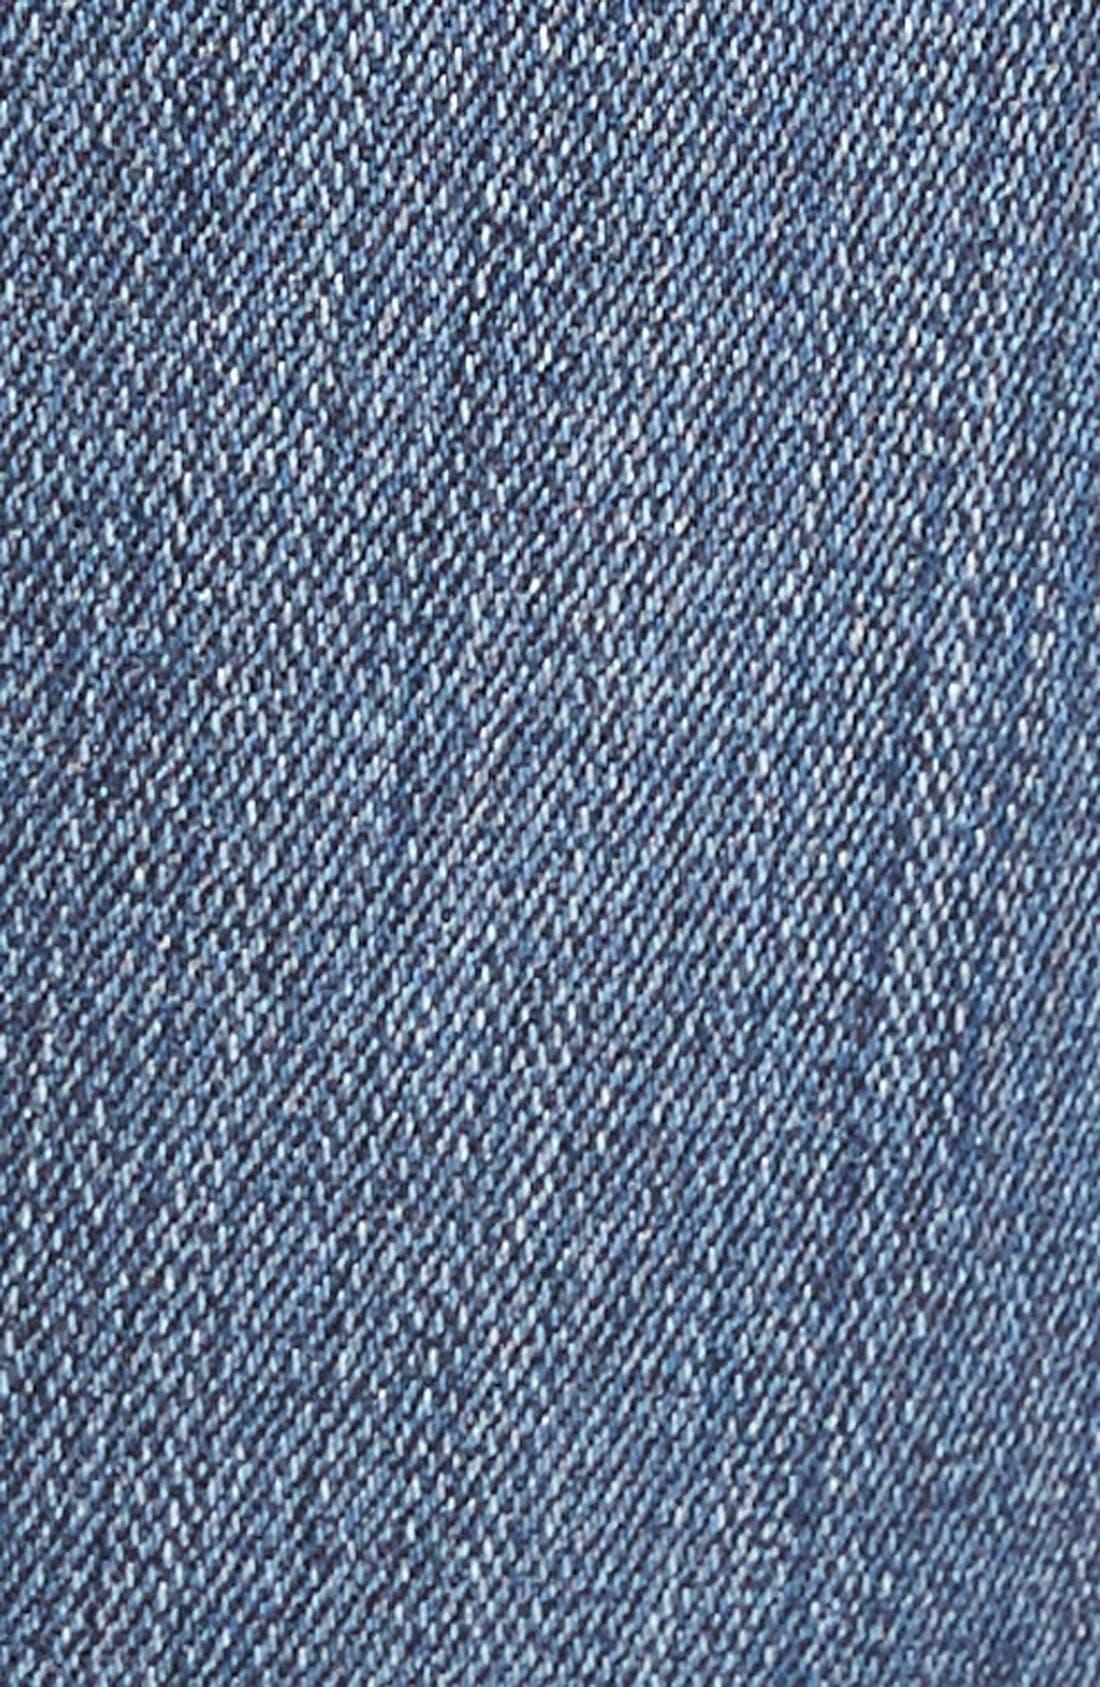 Alternate Image 5  - Paige Denim 'Transcend - Verdugo' Ultra Skinny Jeans (Silas Destructed)